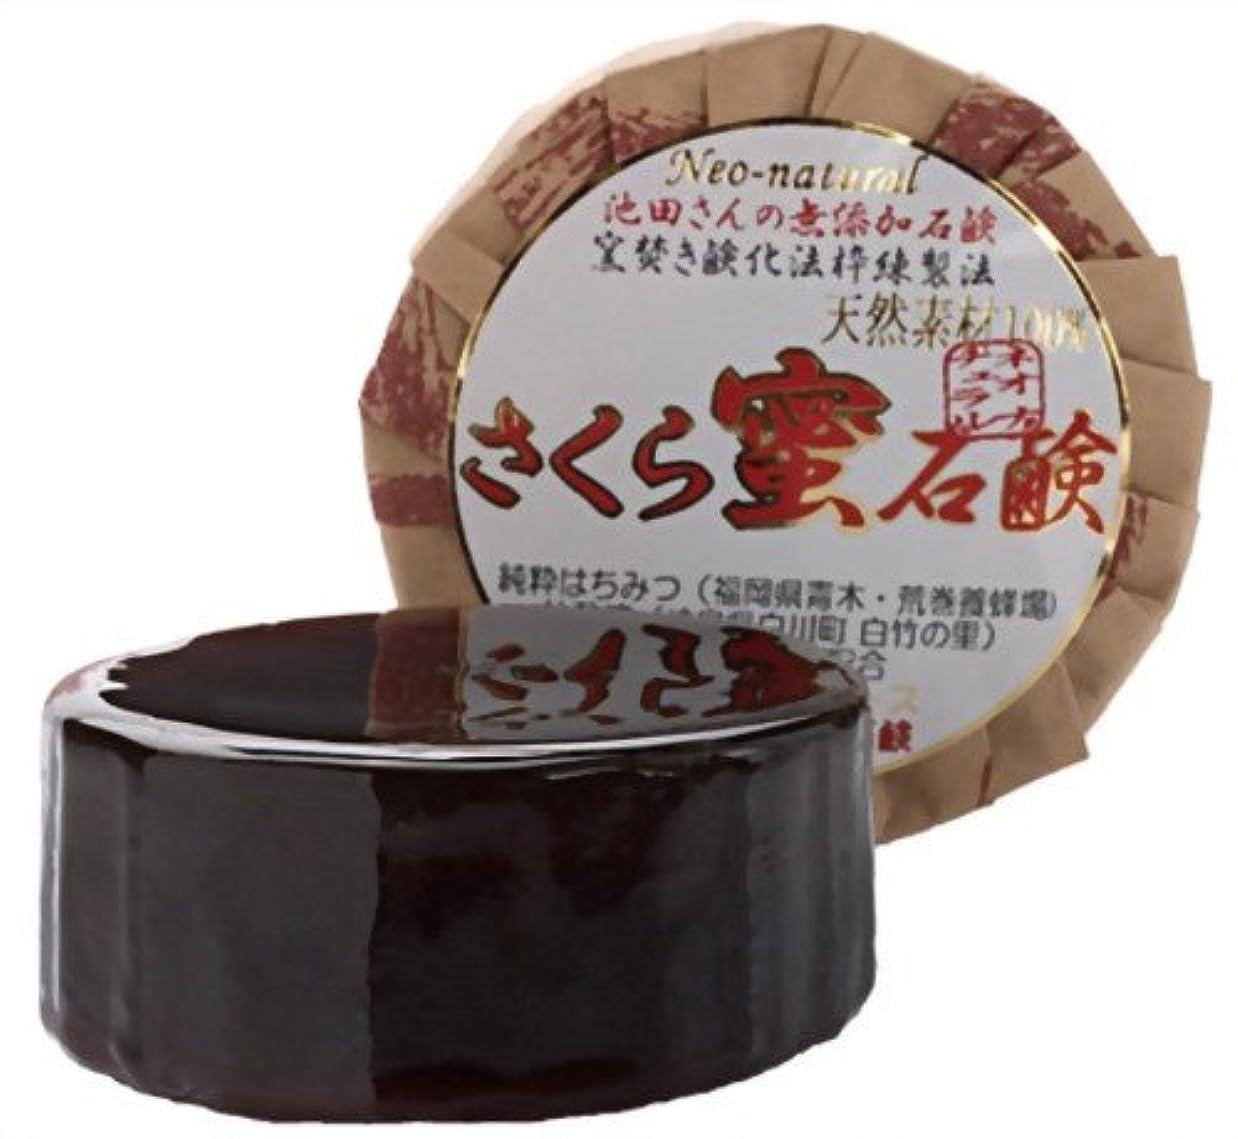 電極天窓練習ネオナチュラル 池田さんのさくら蜜石鹸 105g